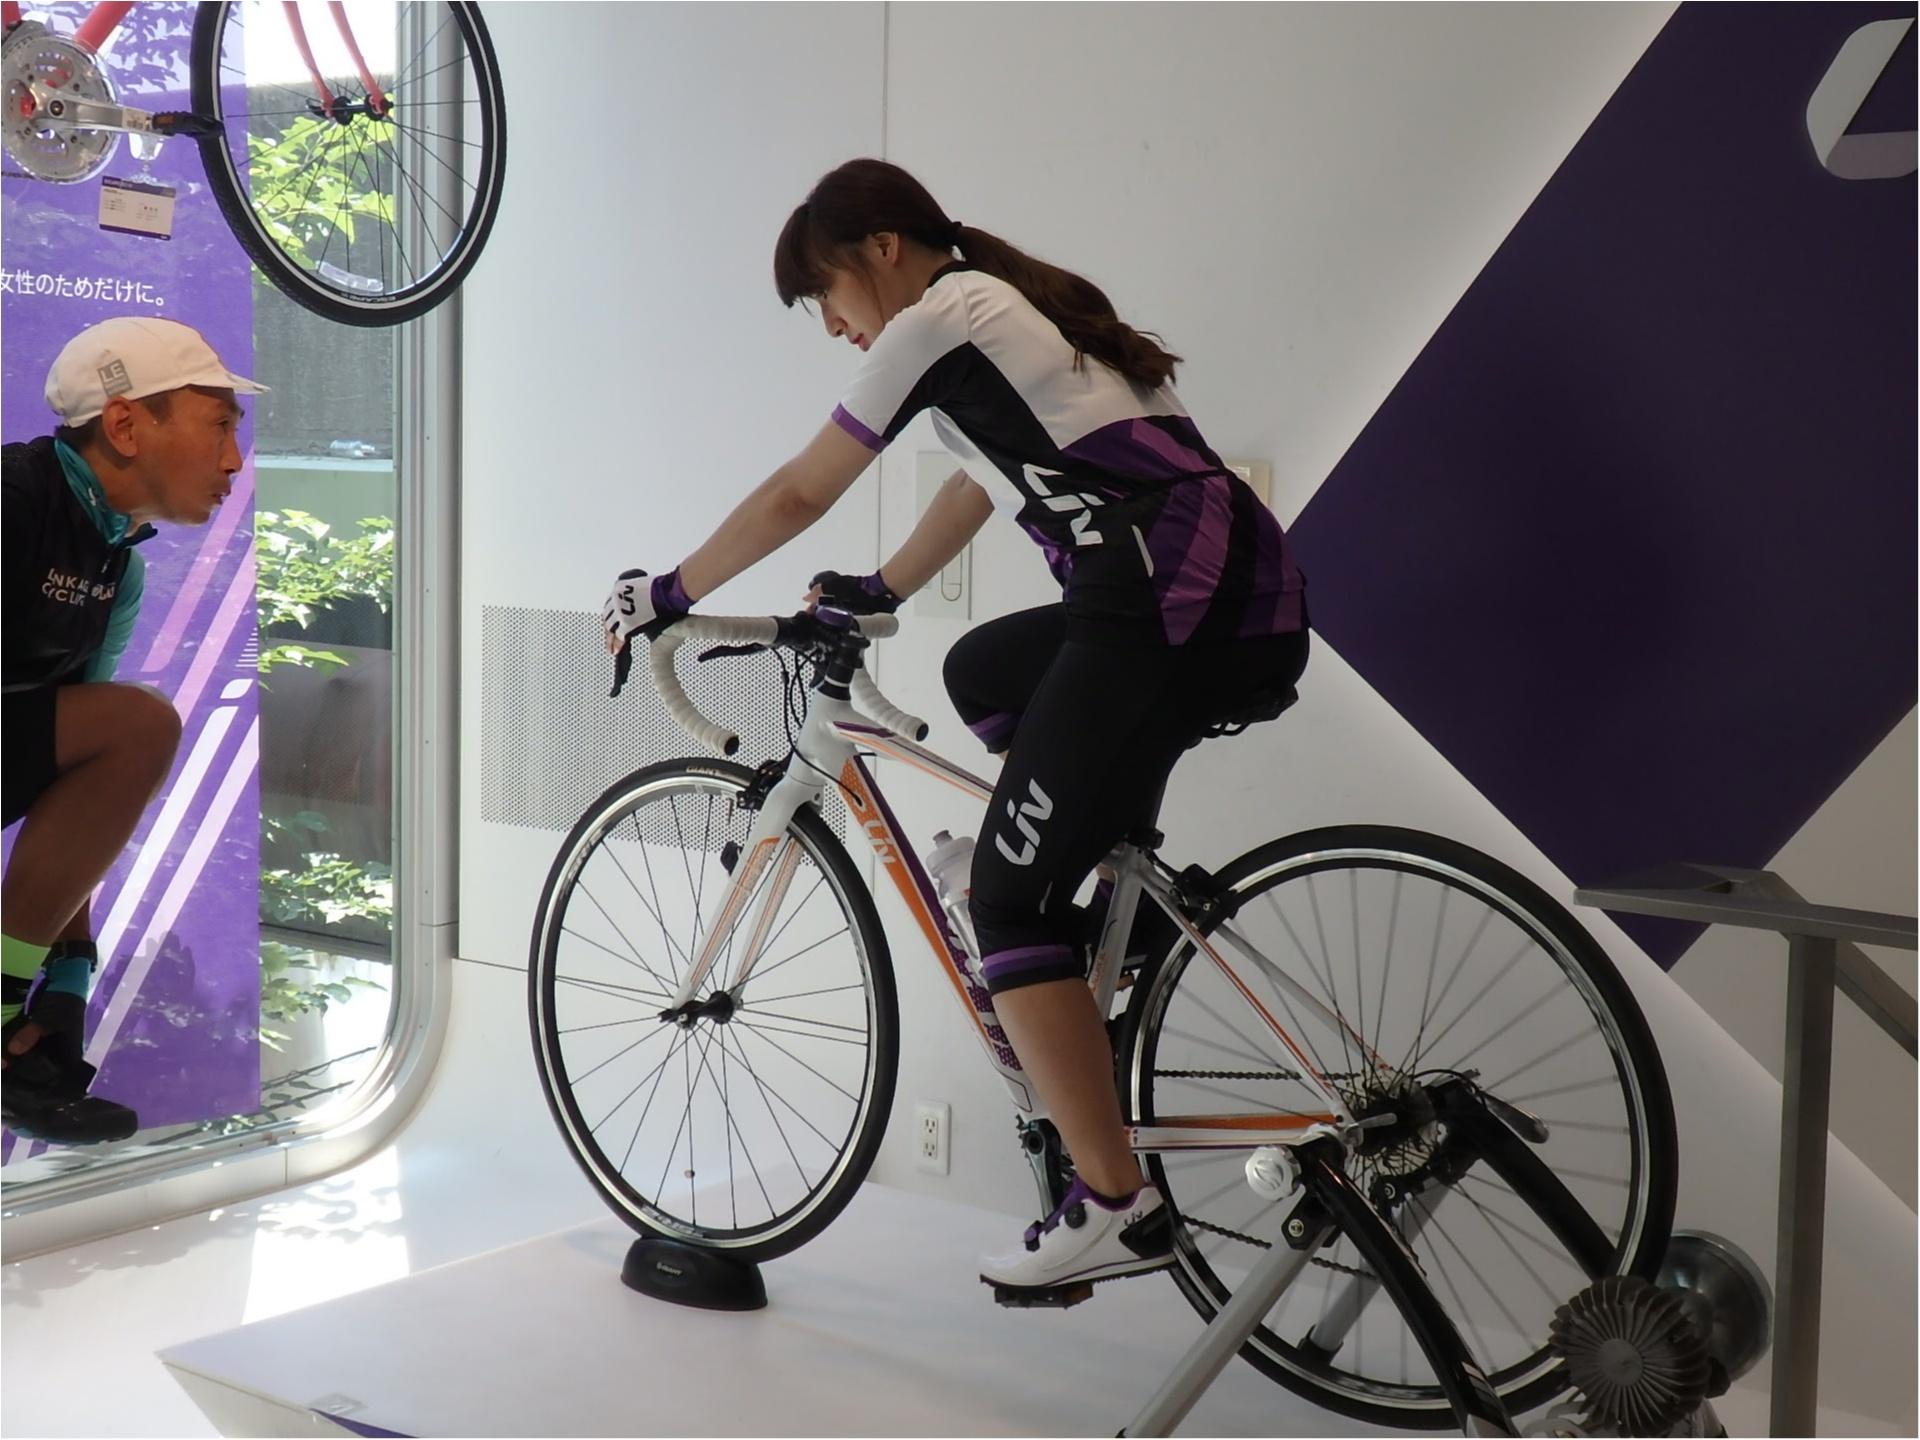 初ロードバイク!!『 ツール・ド・東北』三人娘、全員で練習スタート♪まずは室内練習から!【#モアチャレ あかね】_4